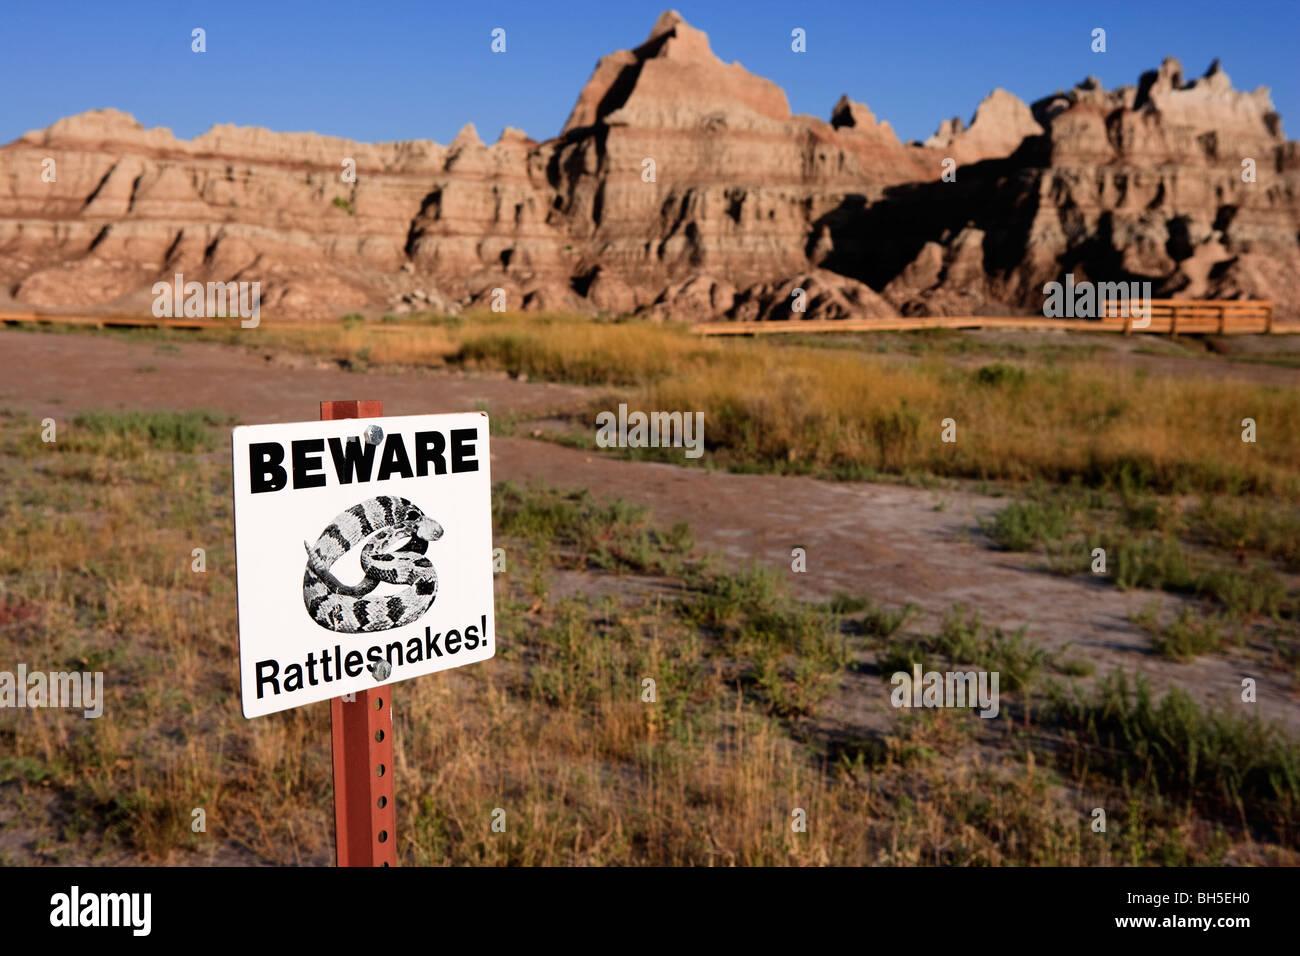 Beware of rattlesnakes warning notice Badlands National Park, South Dakota, United States - Stock Image